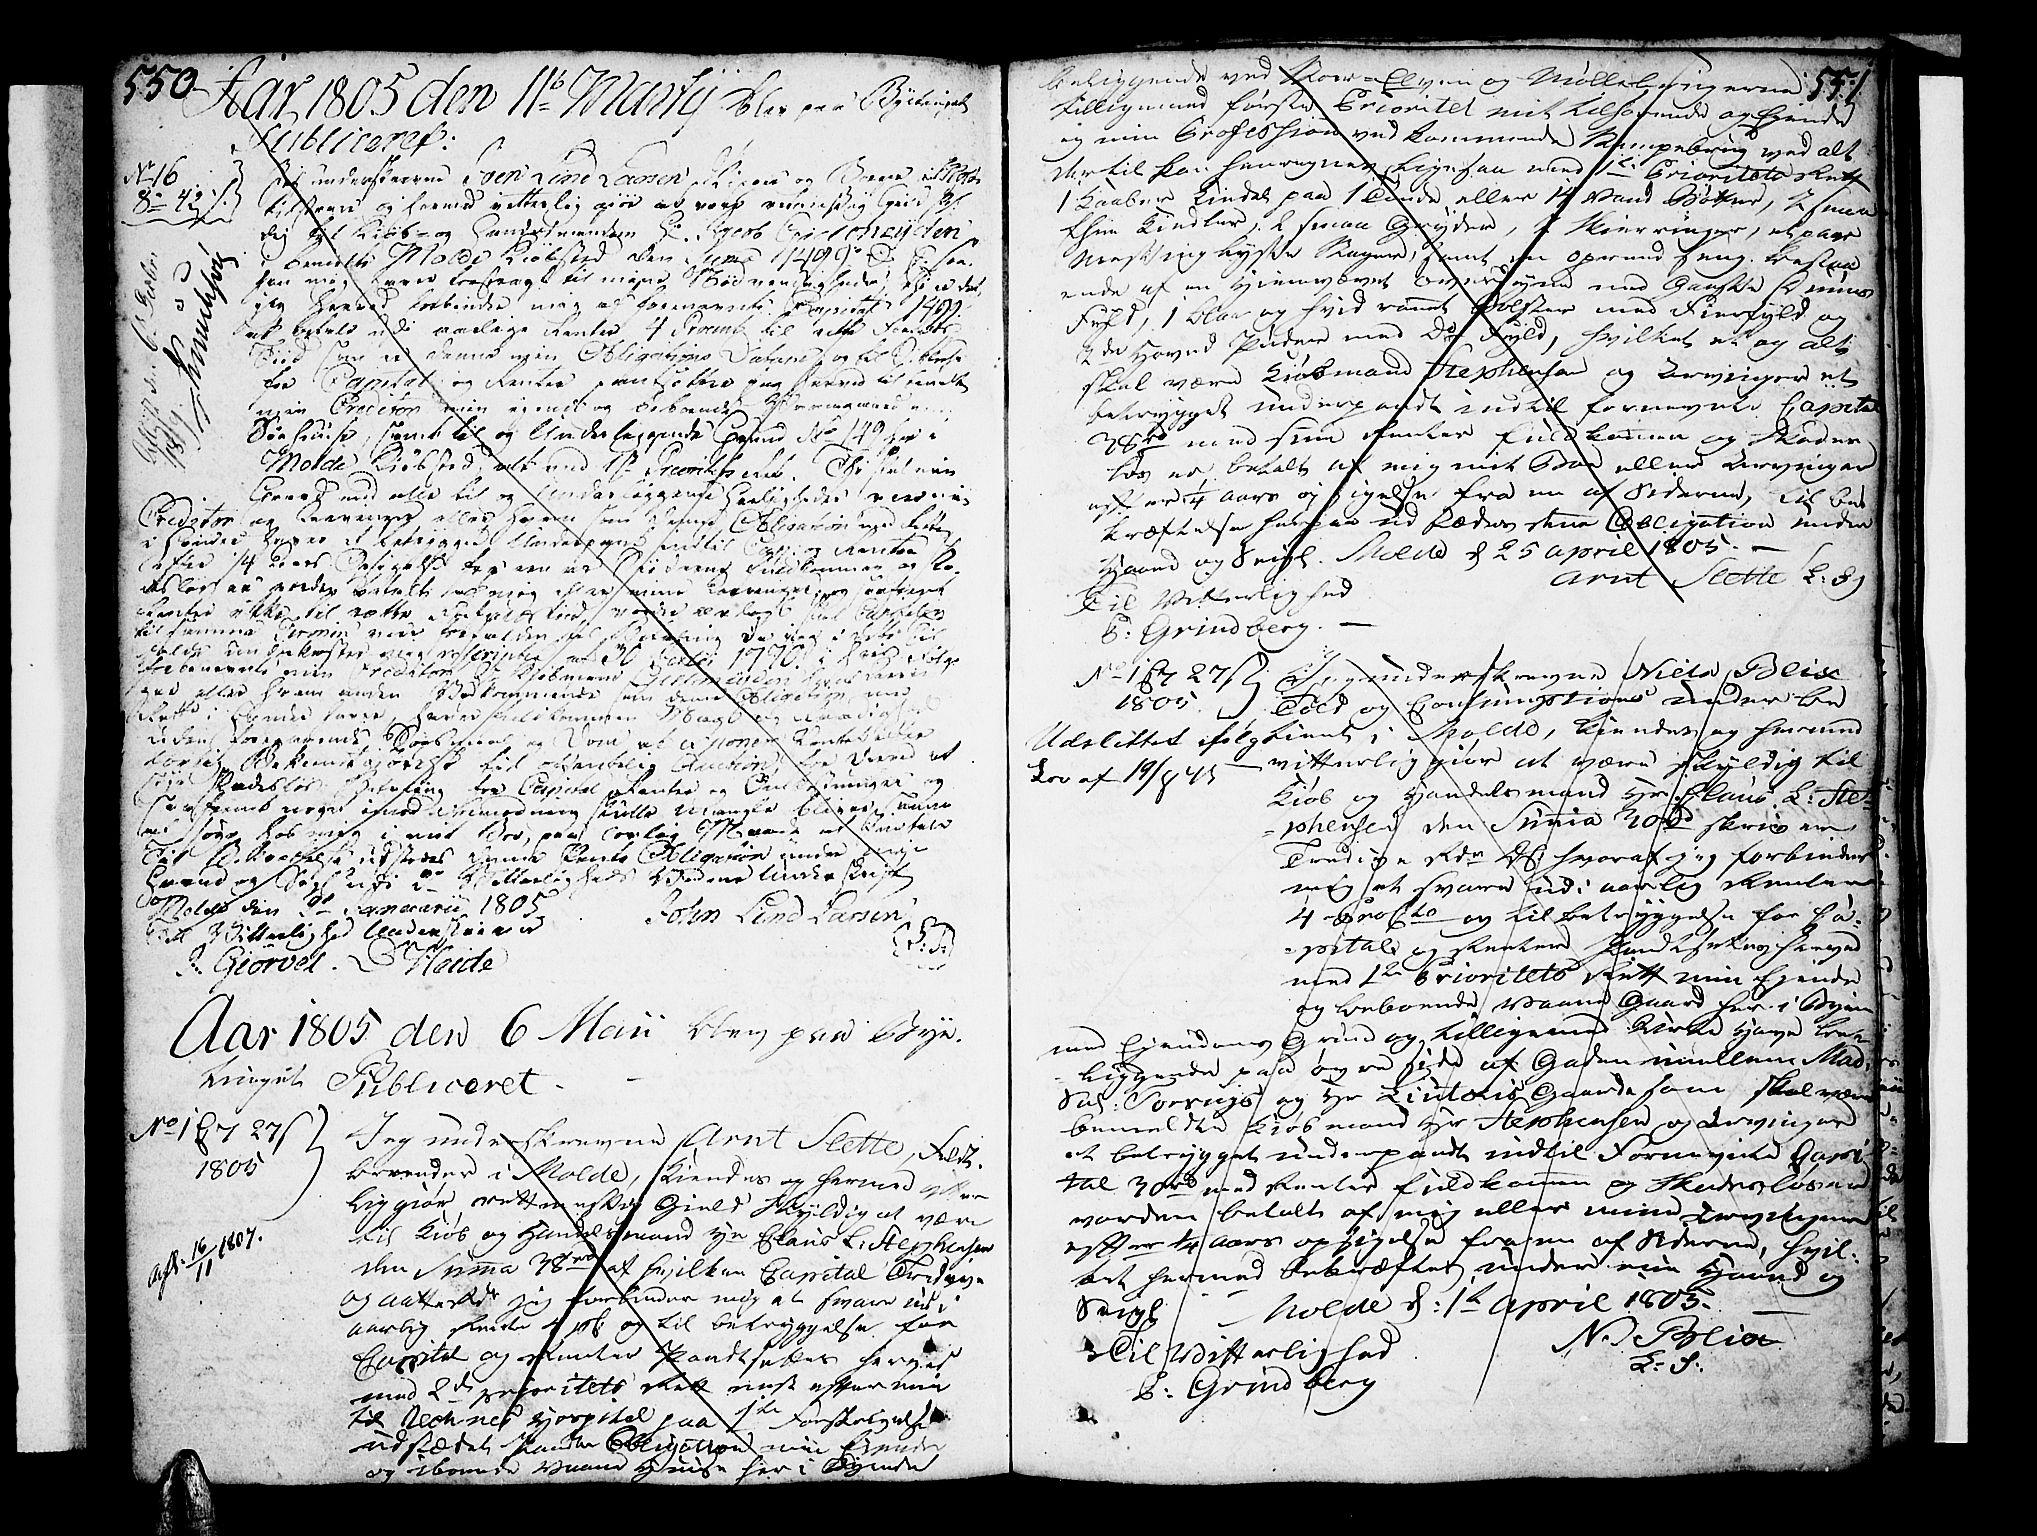 SAT, Molde byfogd, 2/2C/L0001: Pantebok nr. 1, 1748-1823, s. 550-551